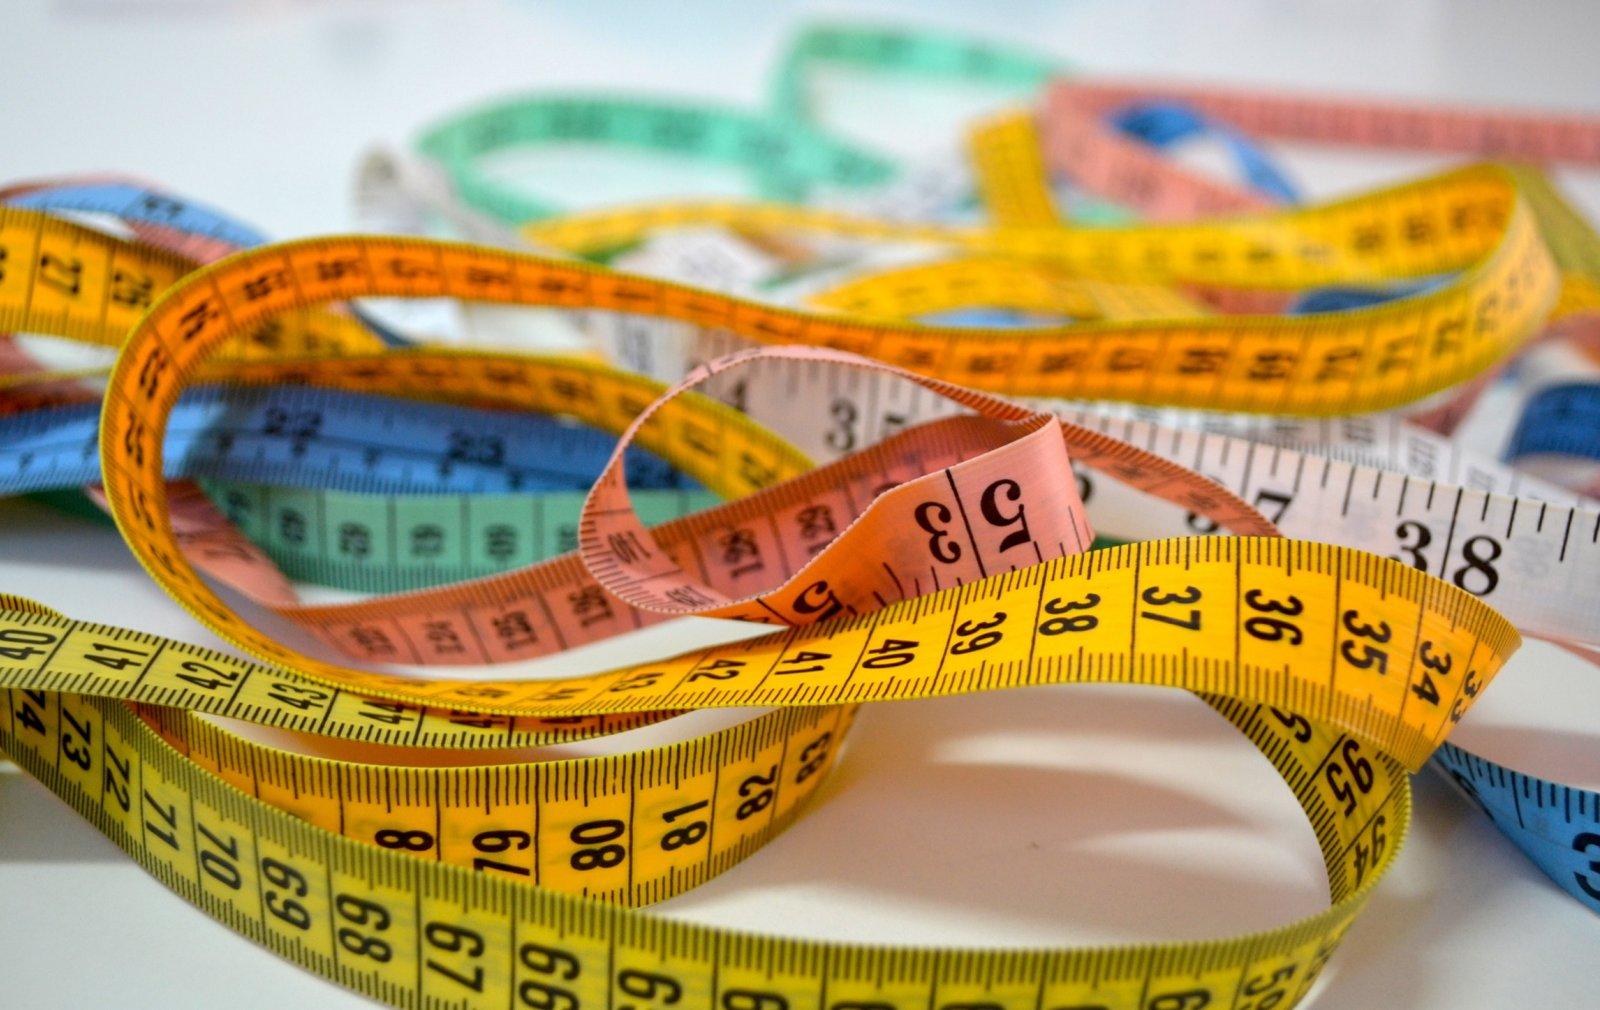 toiduained poletada rasva ja ehitada lahja lihaseid